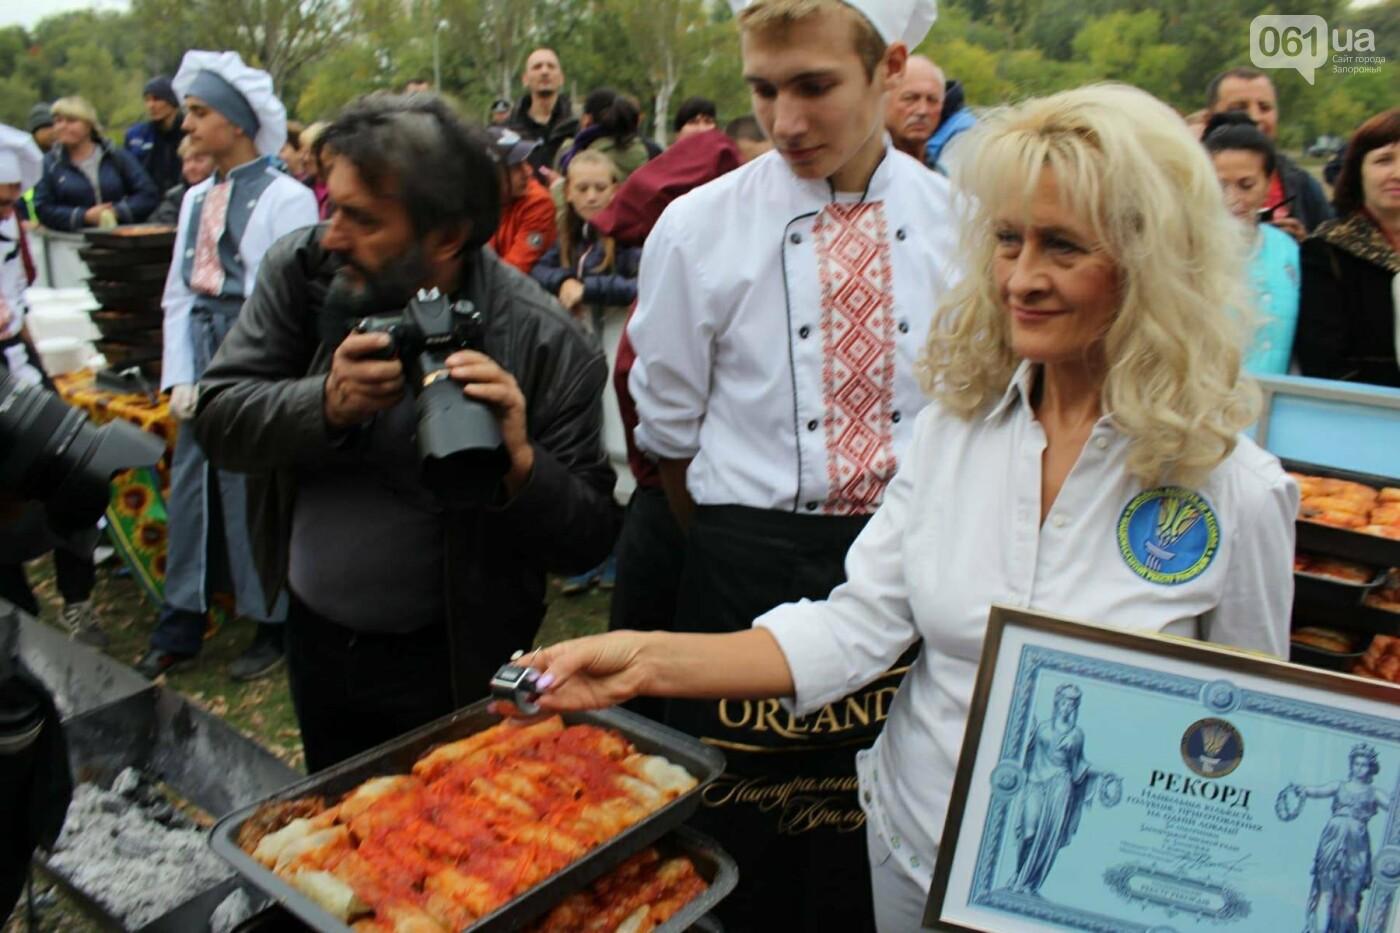 В Запорожье на ярмарке под баян начали раздавать голубцы: пока без драк, - ФОТОРЕПОРТАЖ, фото-24